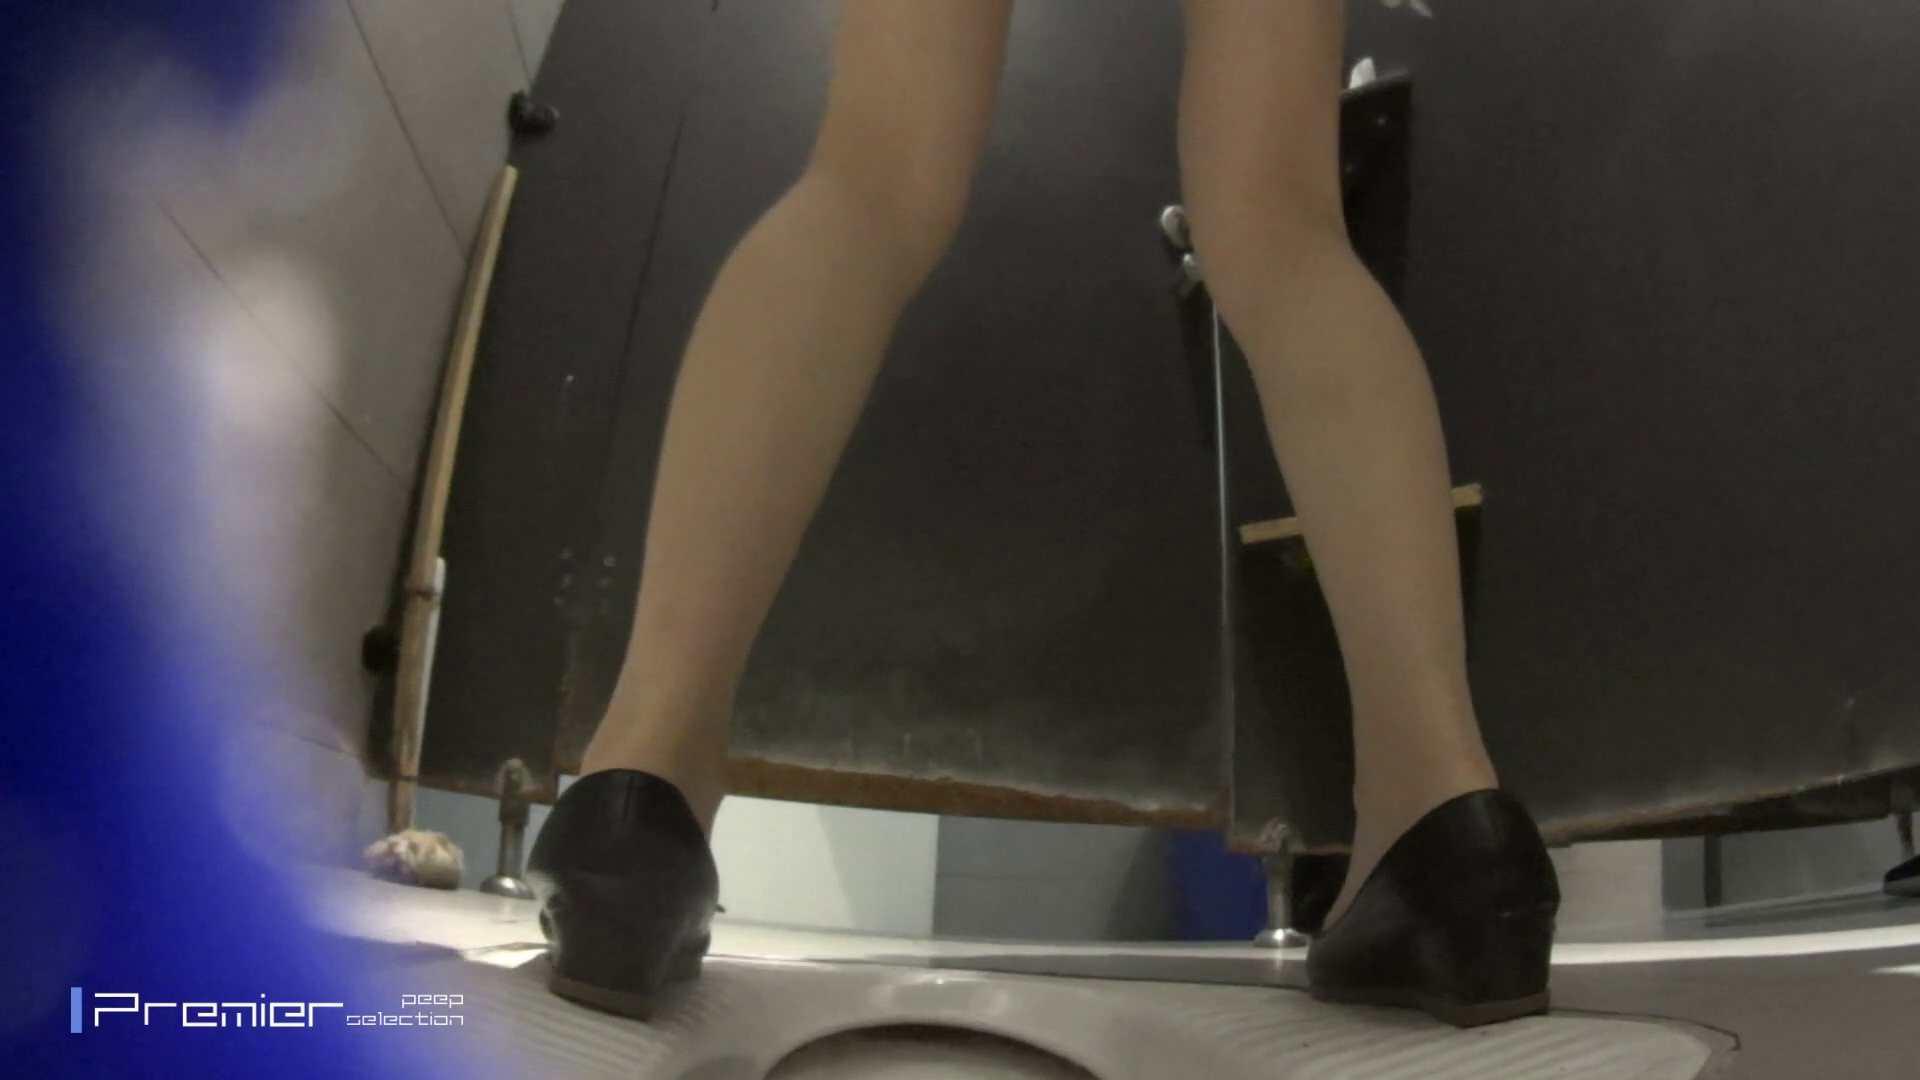 色白美女の洗面所 大学休憩時間の洗面所事情51 美肌   美女H映像  55画像 5